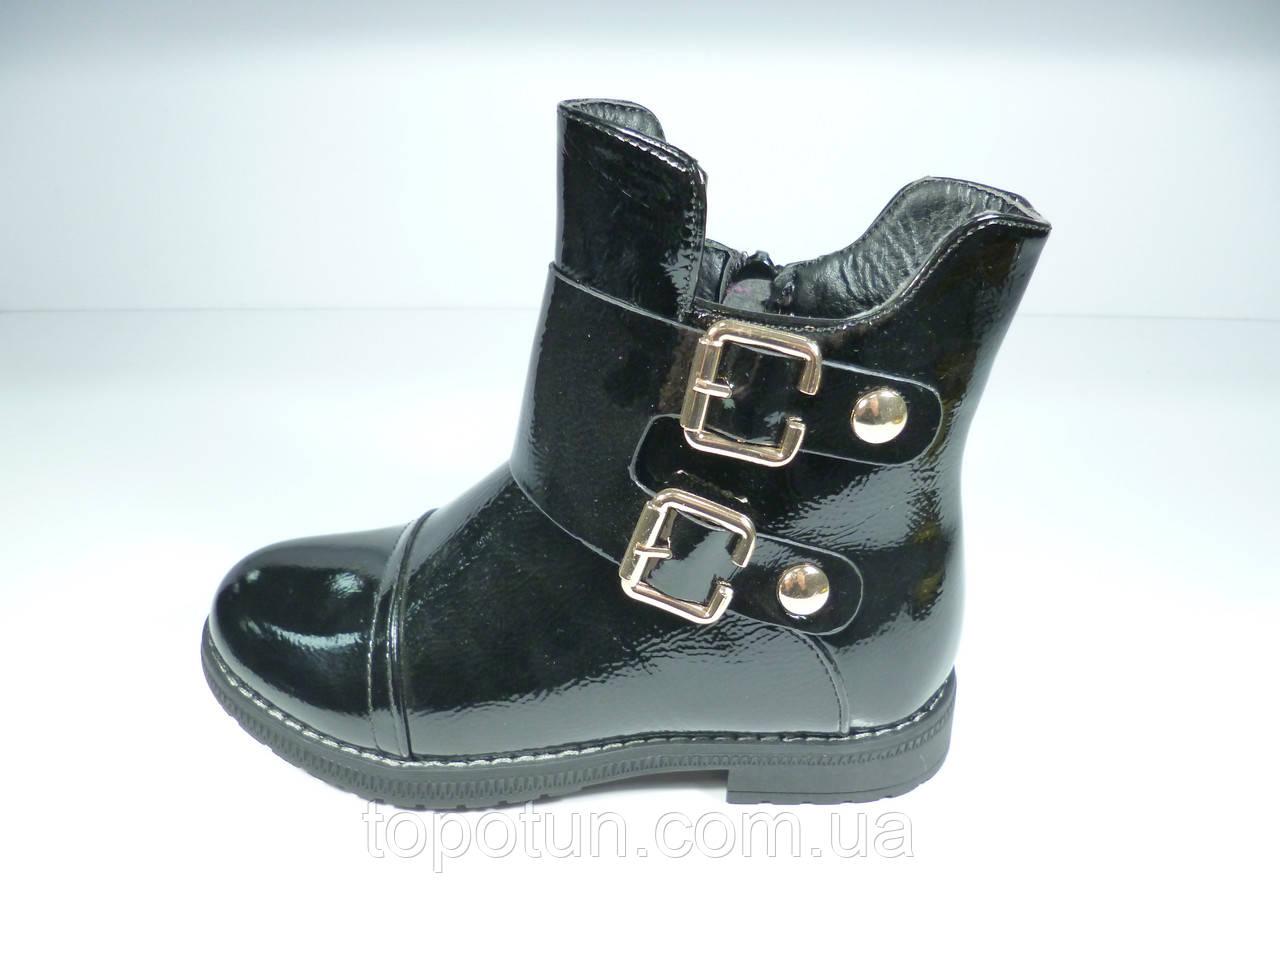 """Демисезонные ботинки для девочки """"Y.TOP"""" Размер: 35,36,37"""